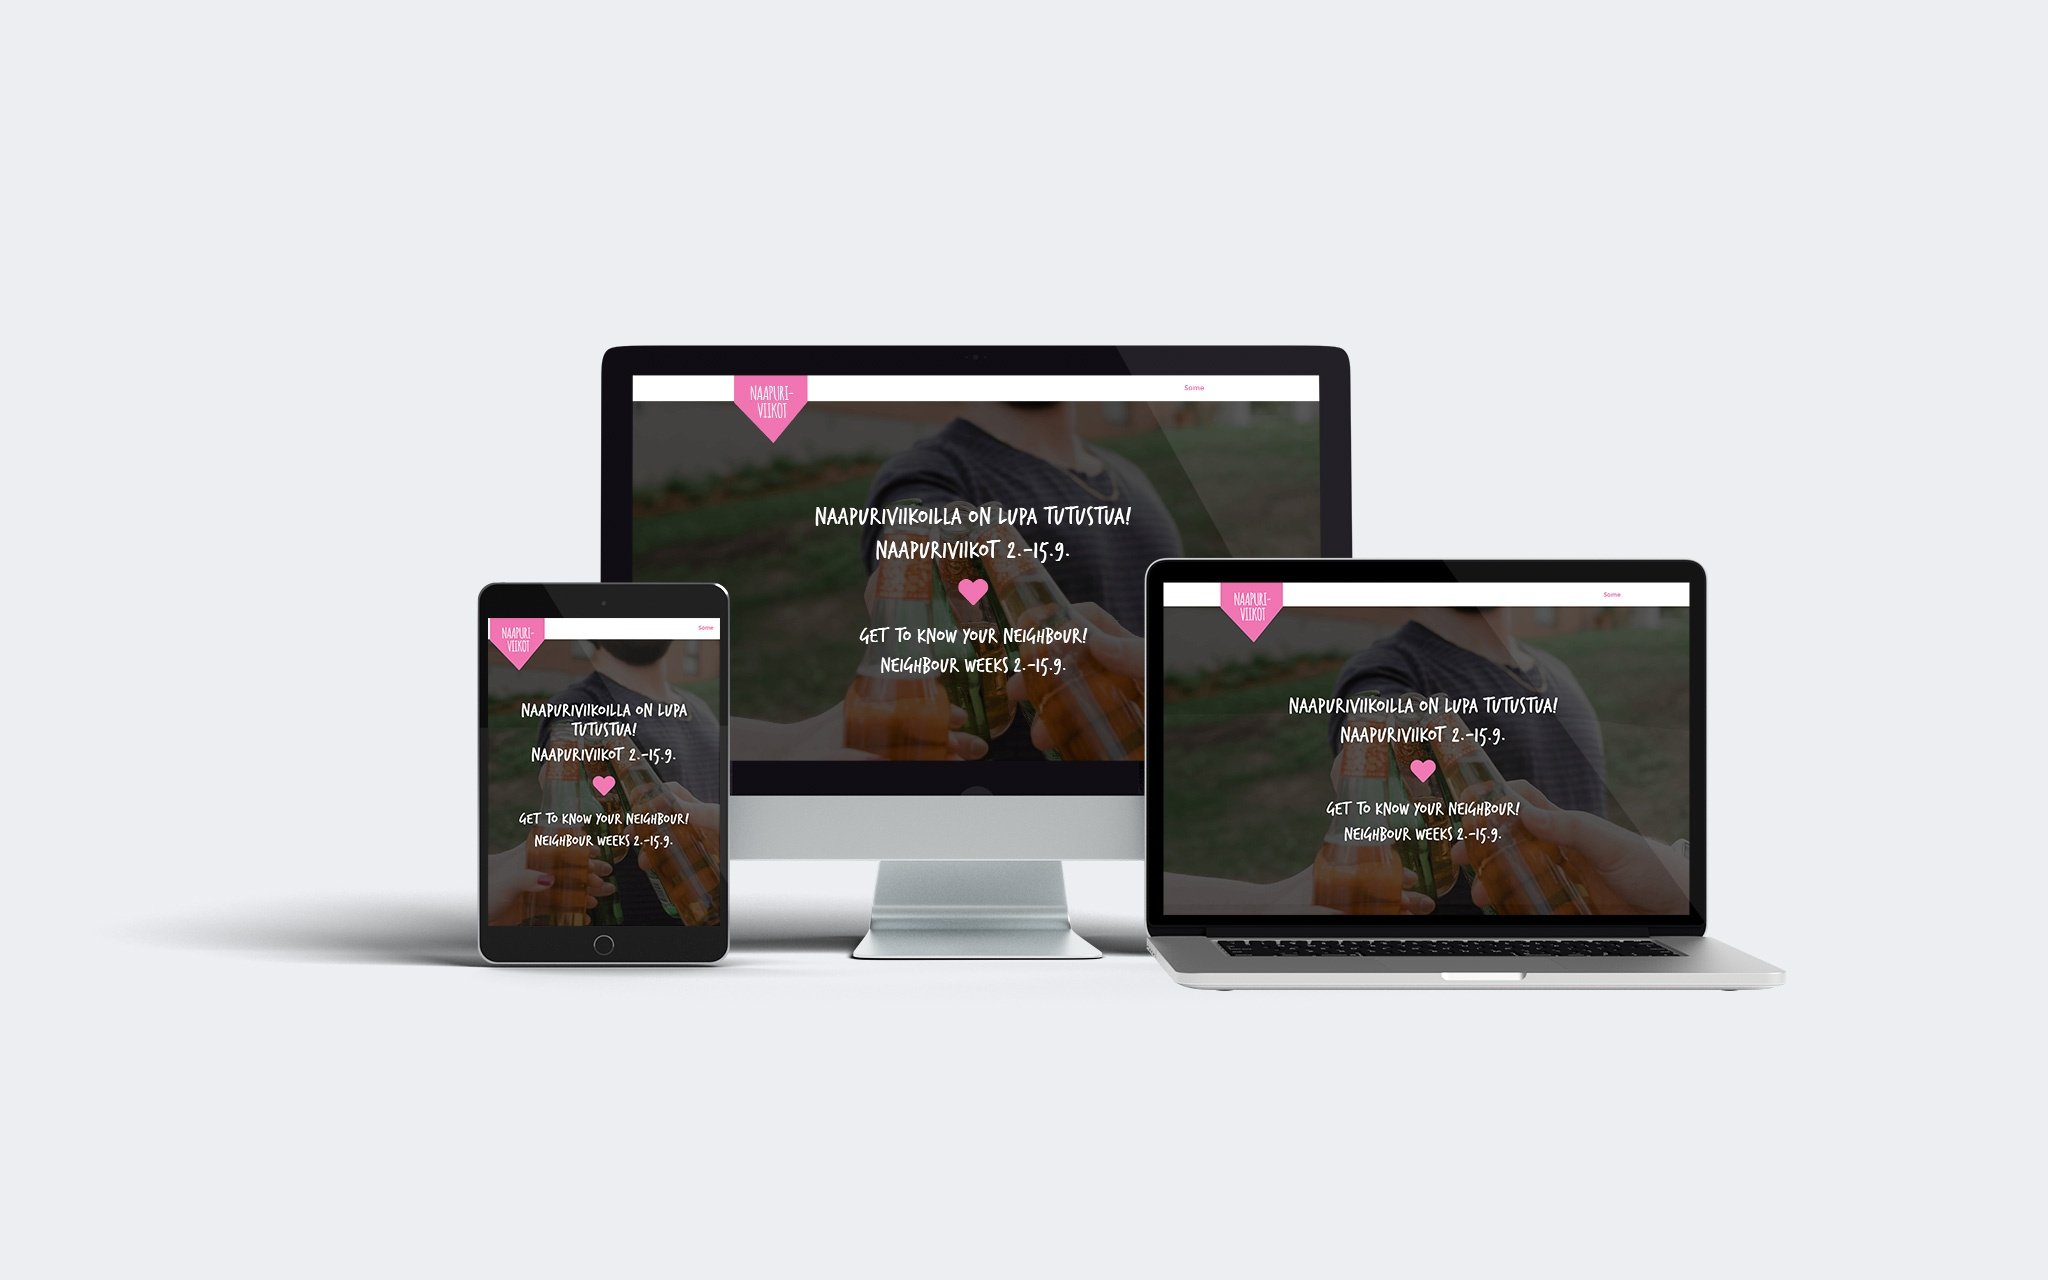 graafinen suunnittelija-isberg design-webdesign-naapuriviikot-2019